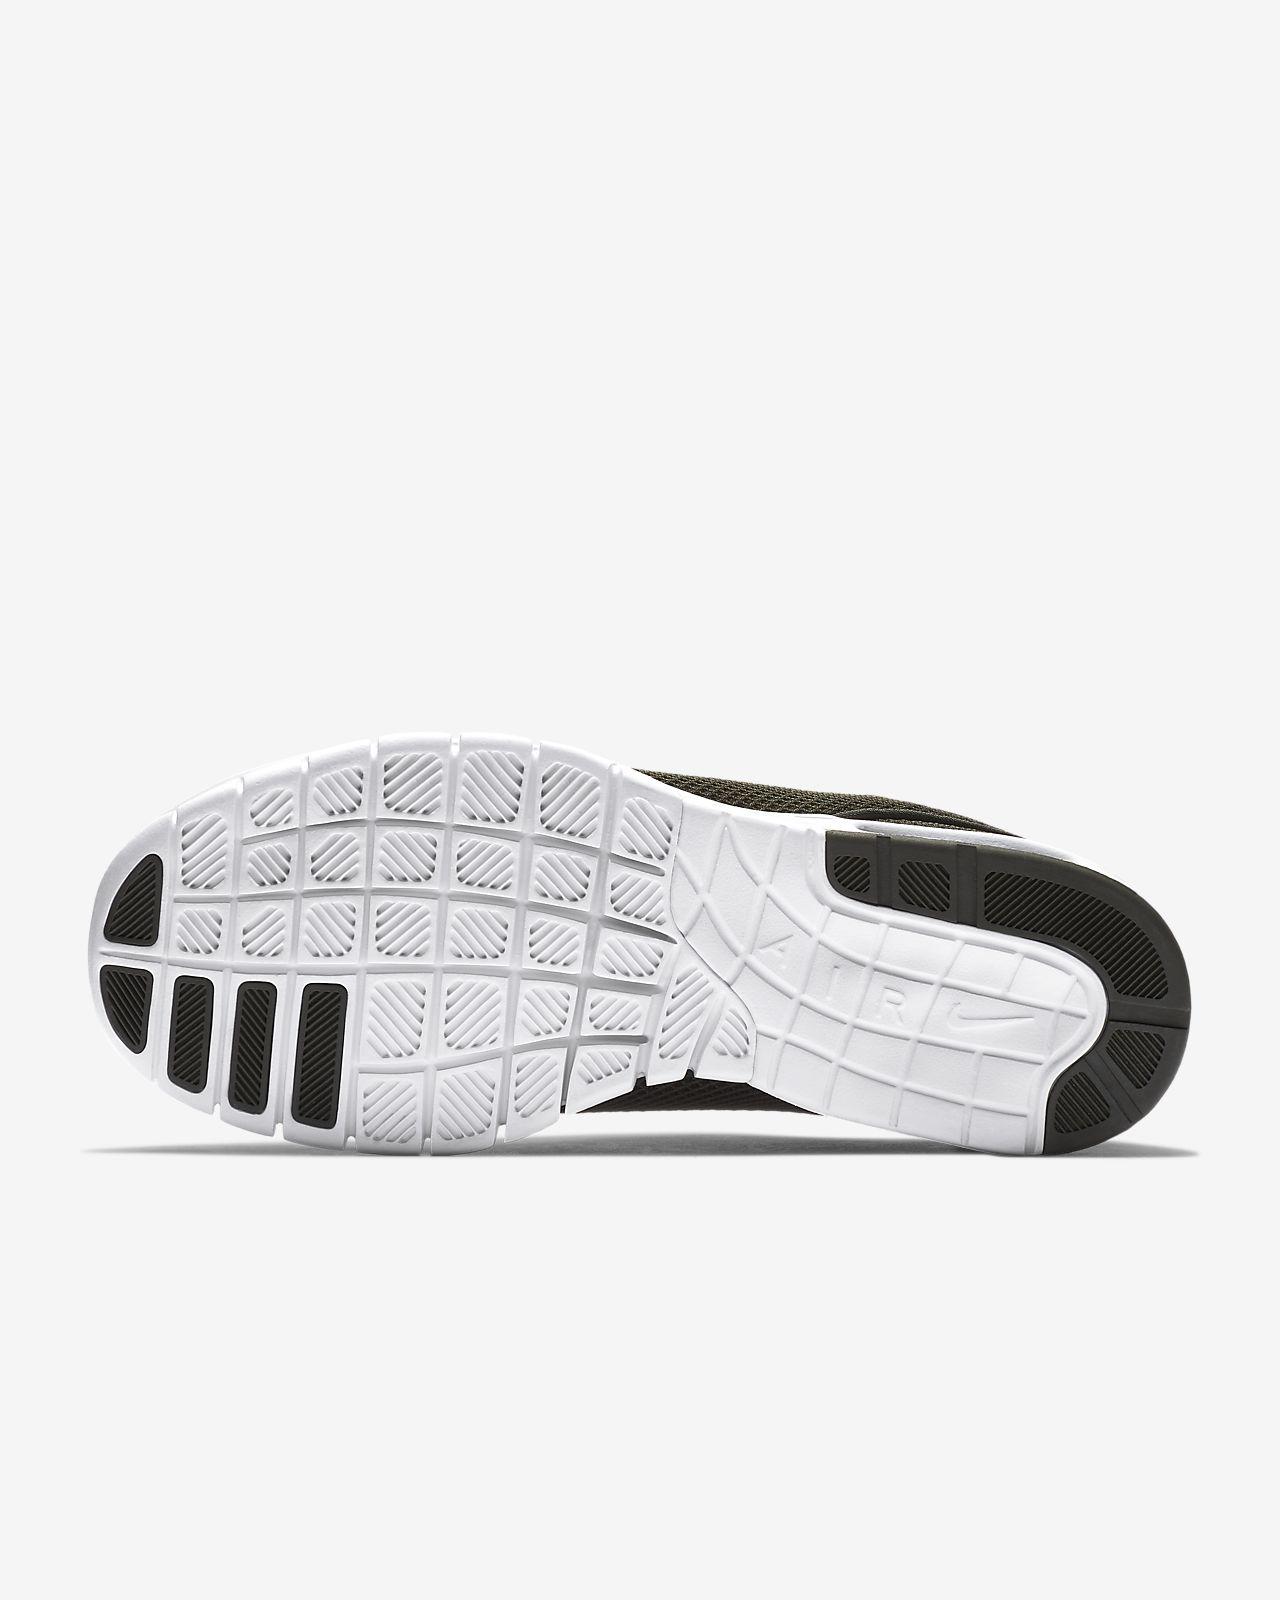 Nike SB Stefan Janoski Max Kaki Black White